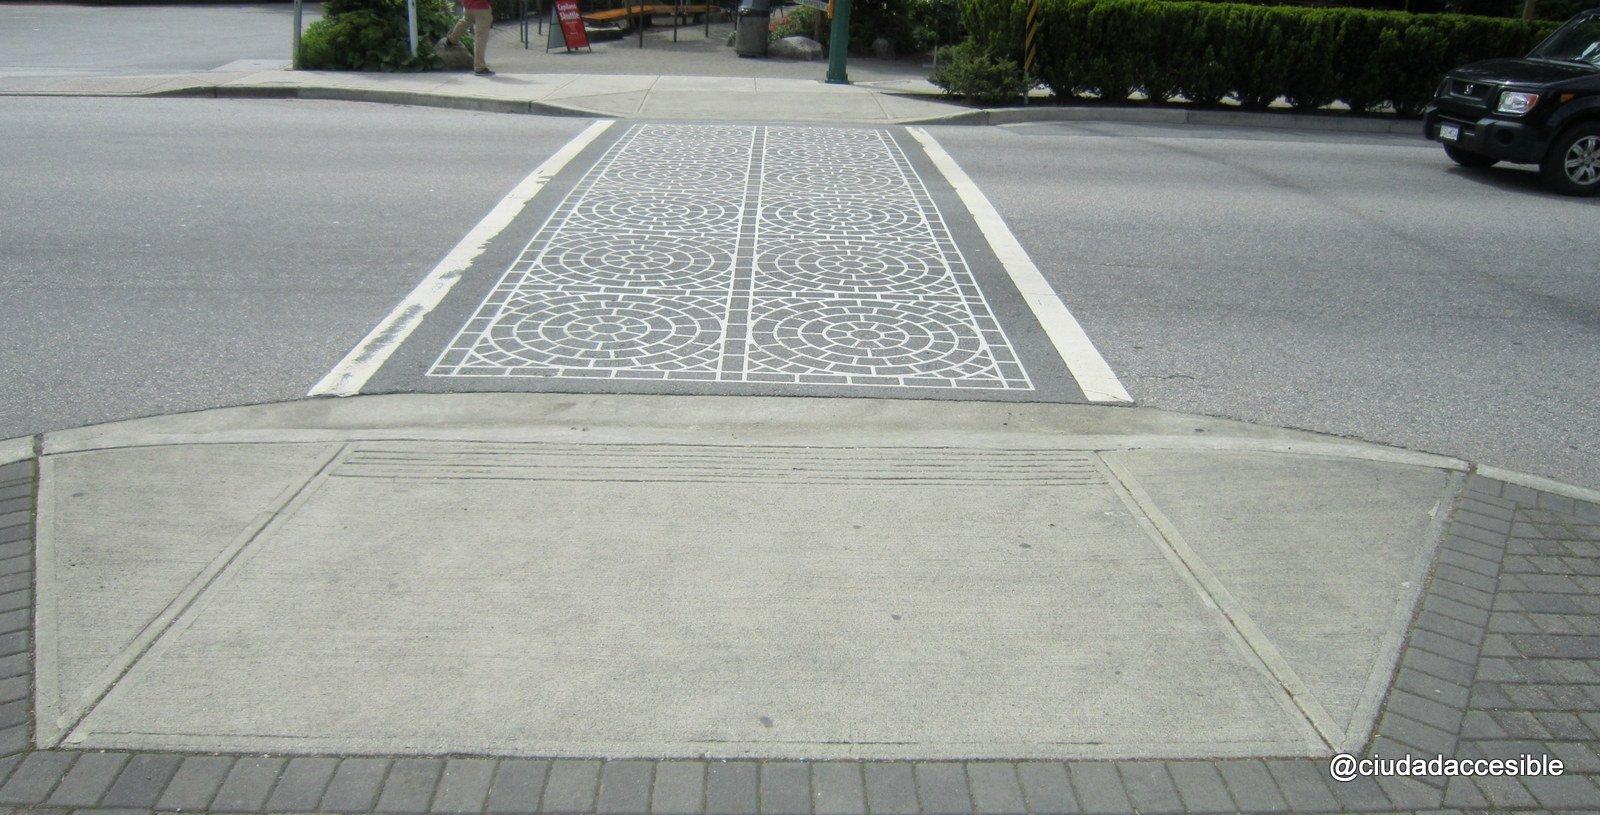 accesibilidad universal en el cruce peatonal